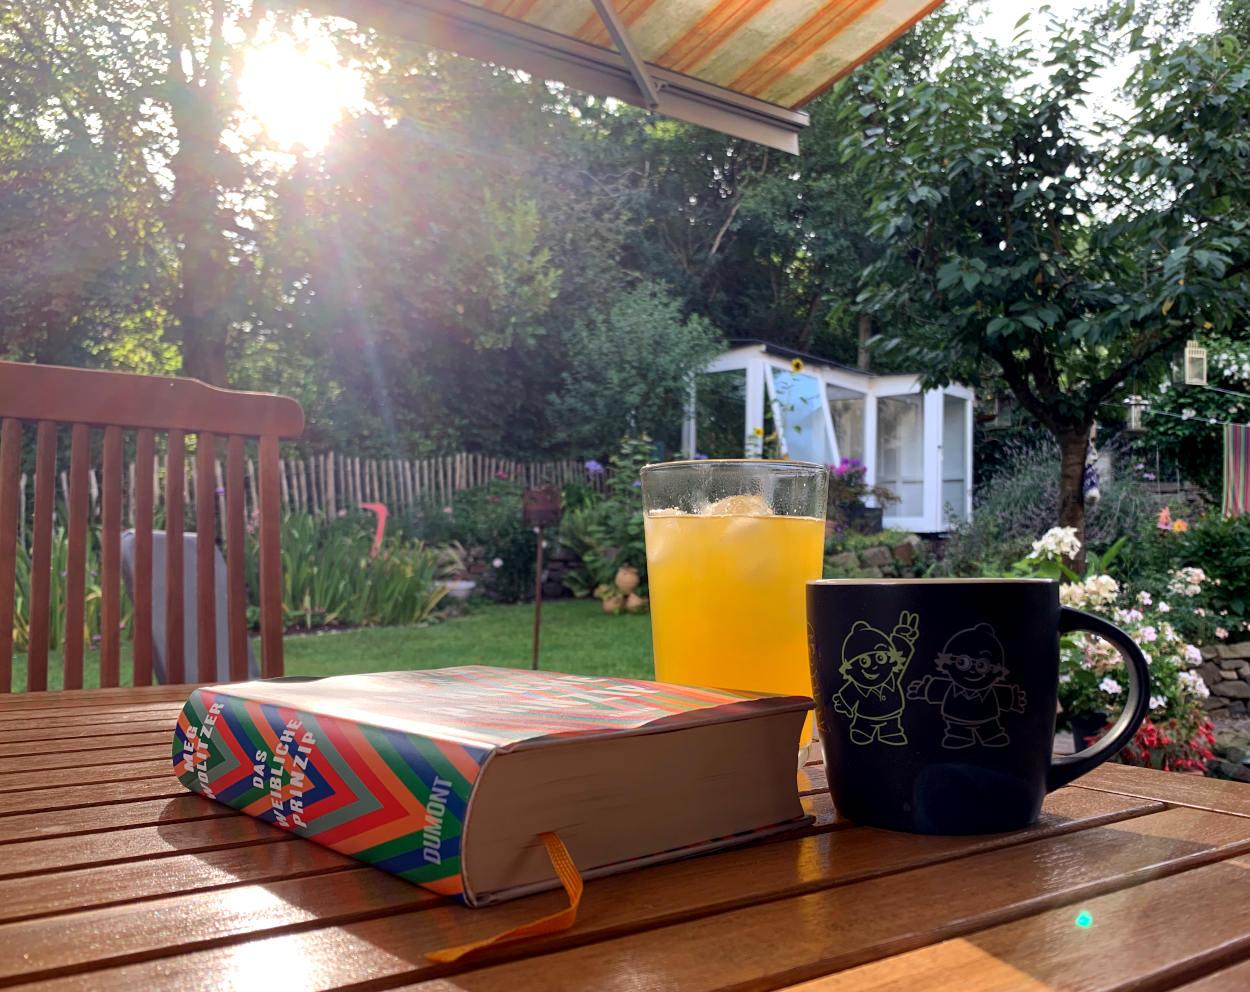 Buch mit einer Tasse Kaffee vor Gartenkulisse in der Morgensonne